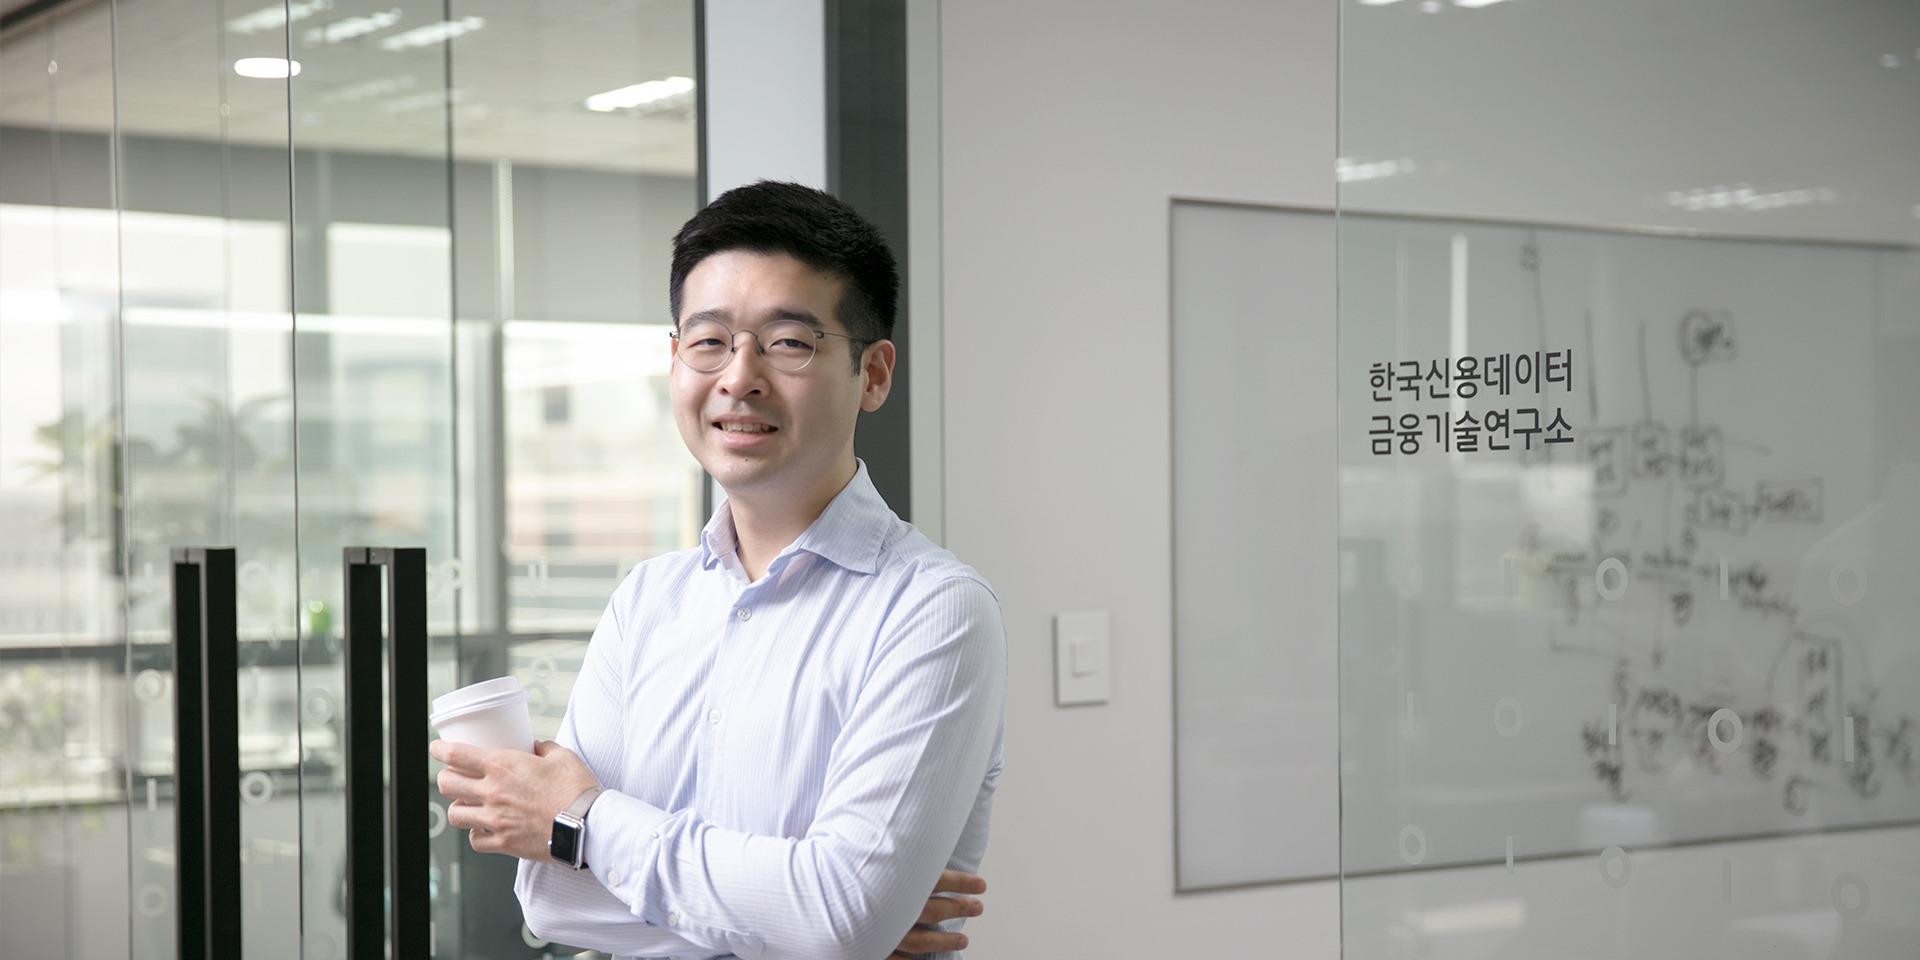 '캐시노트'를 개발·출시한 '한국신용데이터'